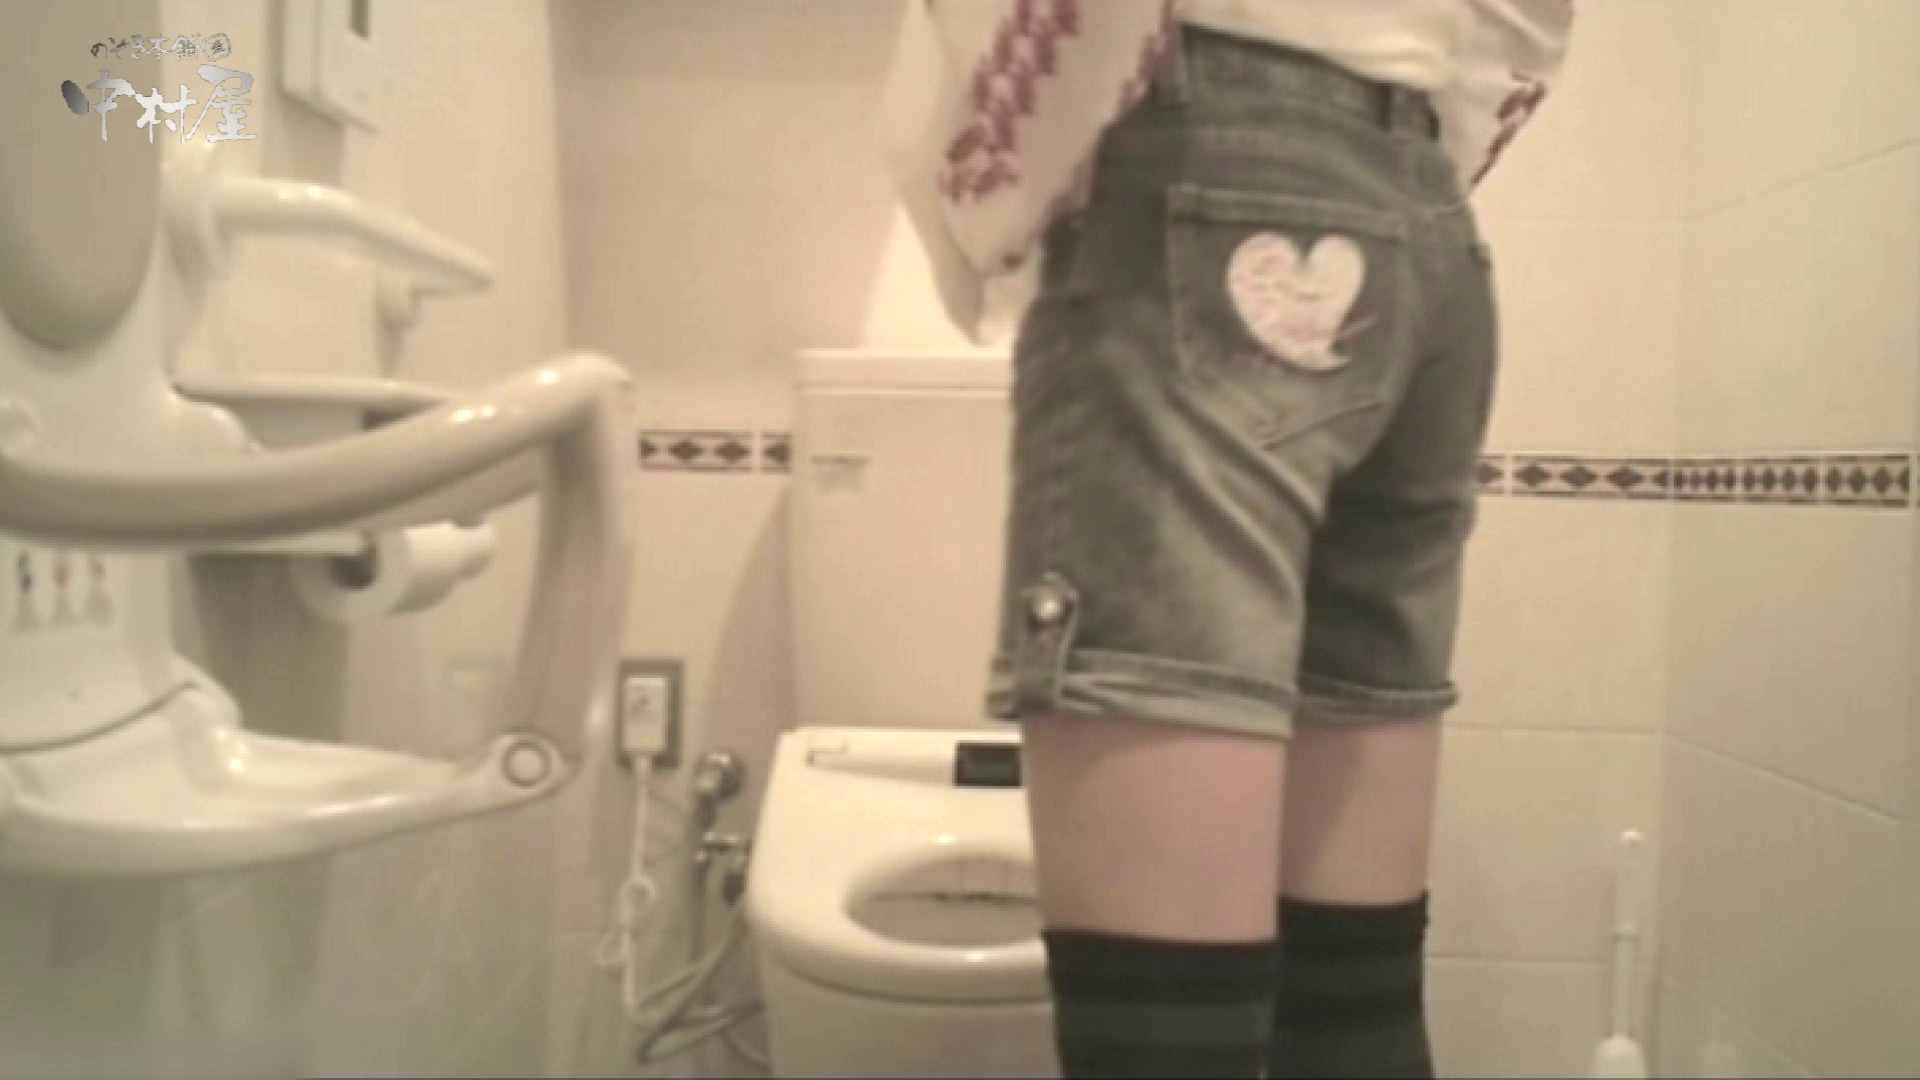 ティーンガールのトイレ覗き‼vol.21 お姉さんのエロ動画 セックス画像 112PIX 70